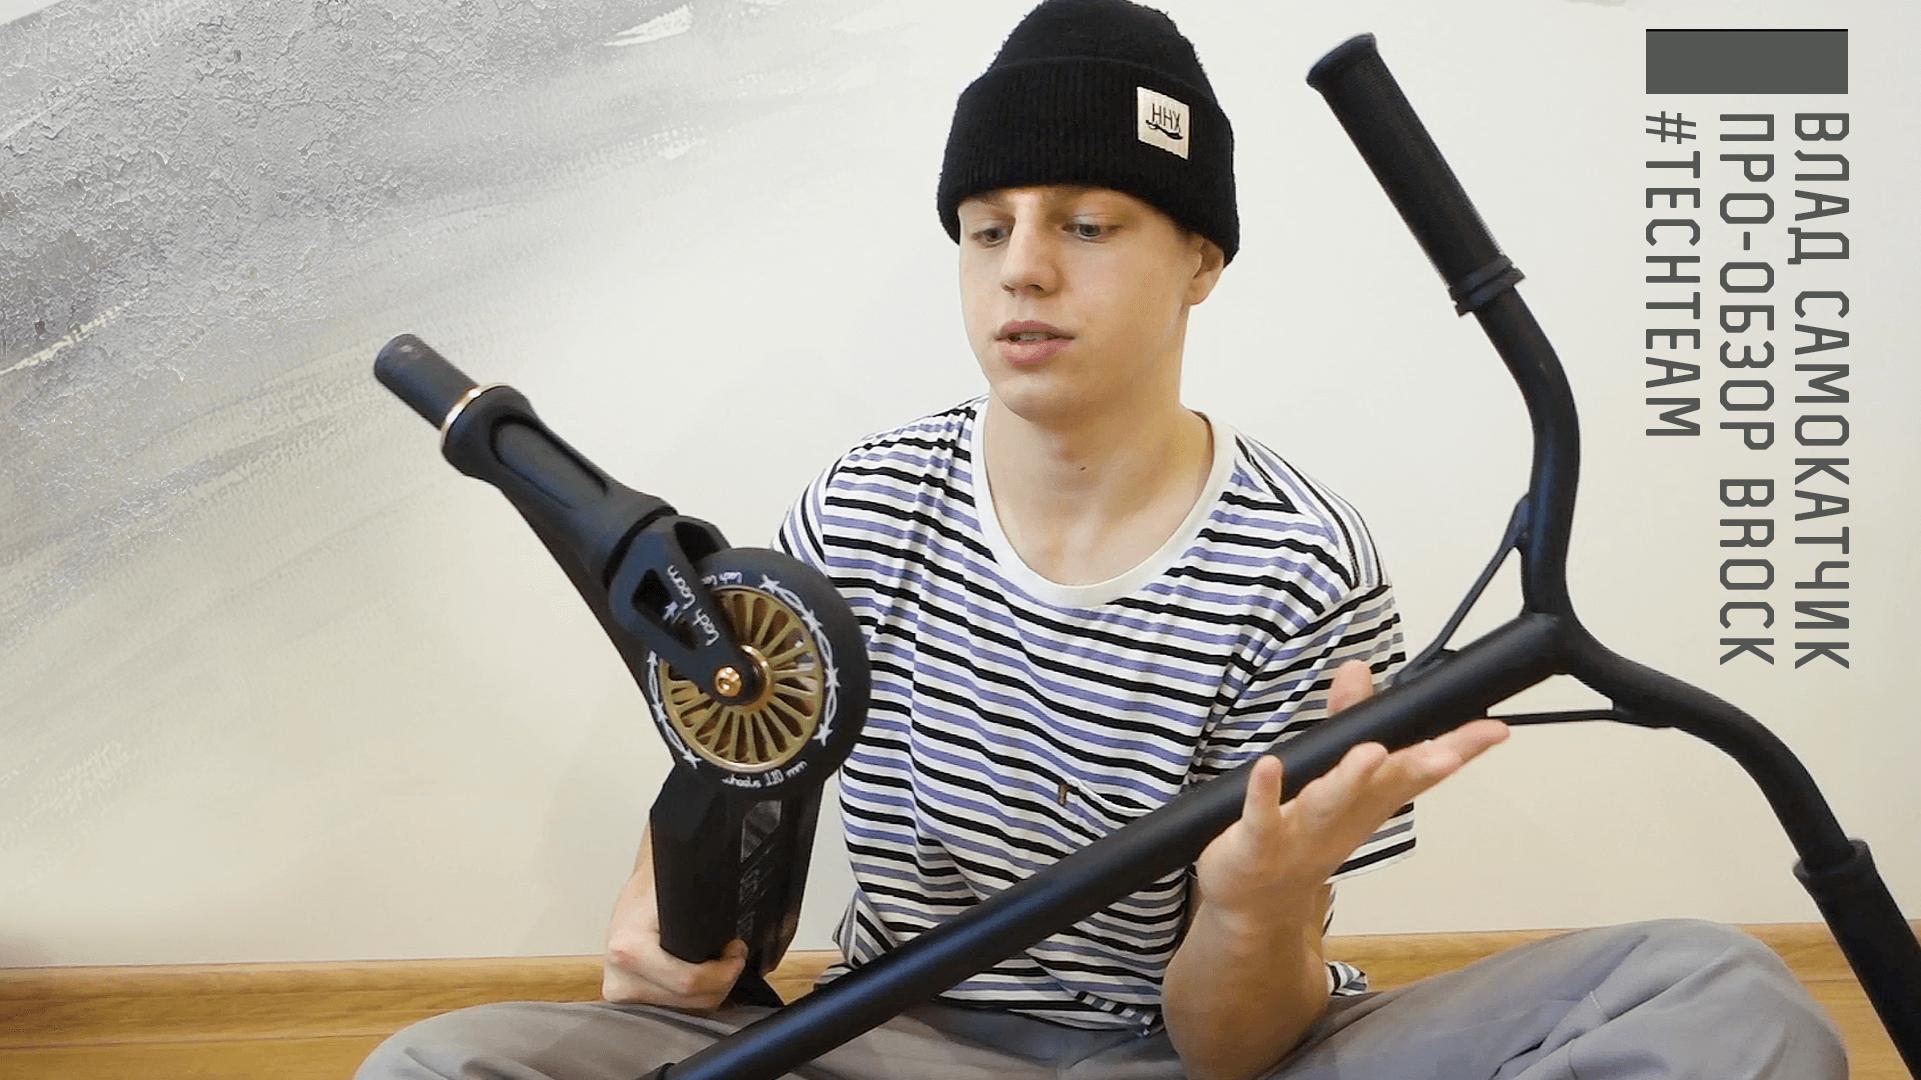 PRO обзор: трюковой самокат Brock 2020